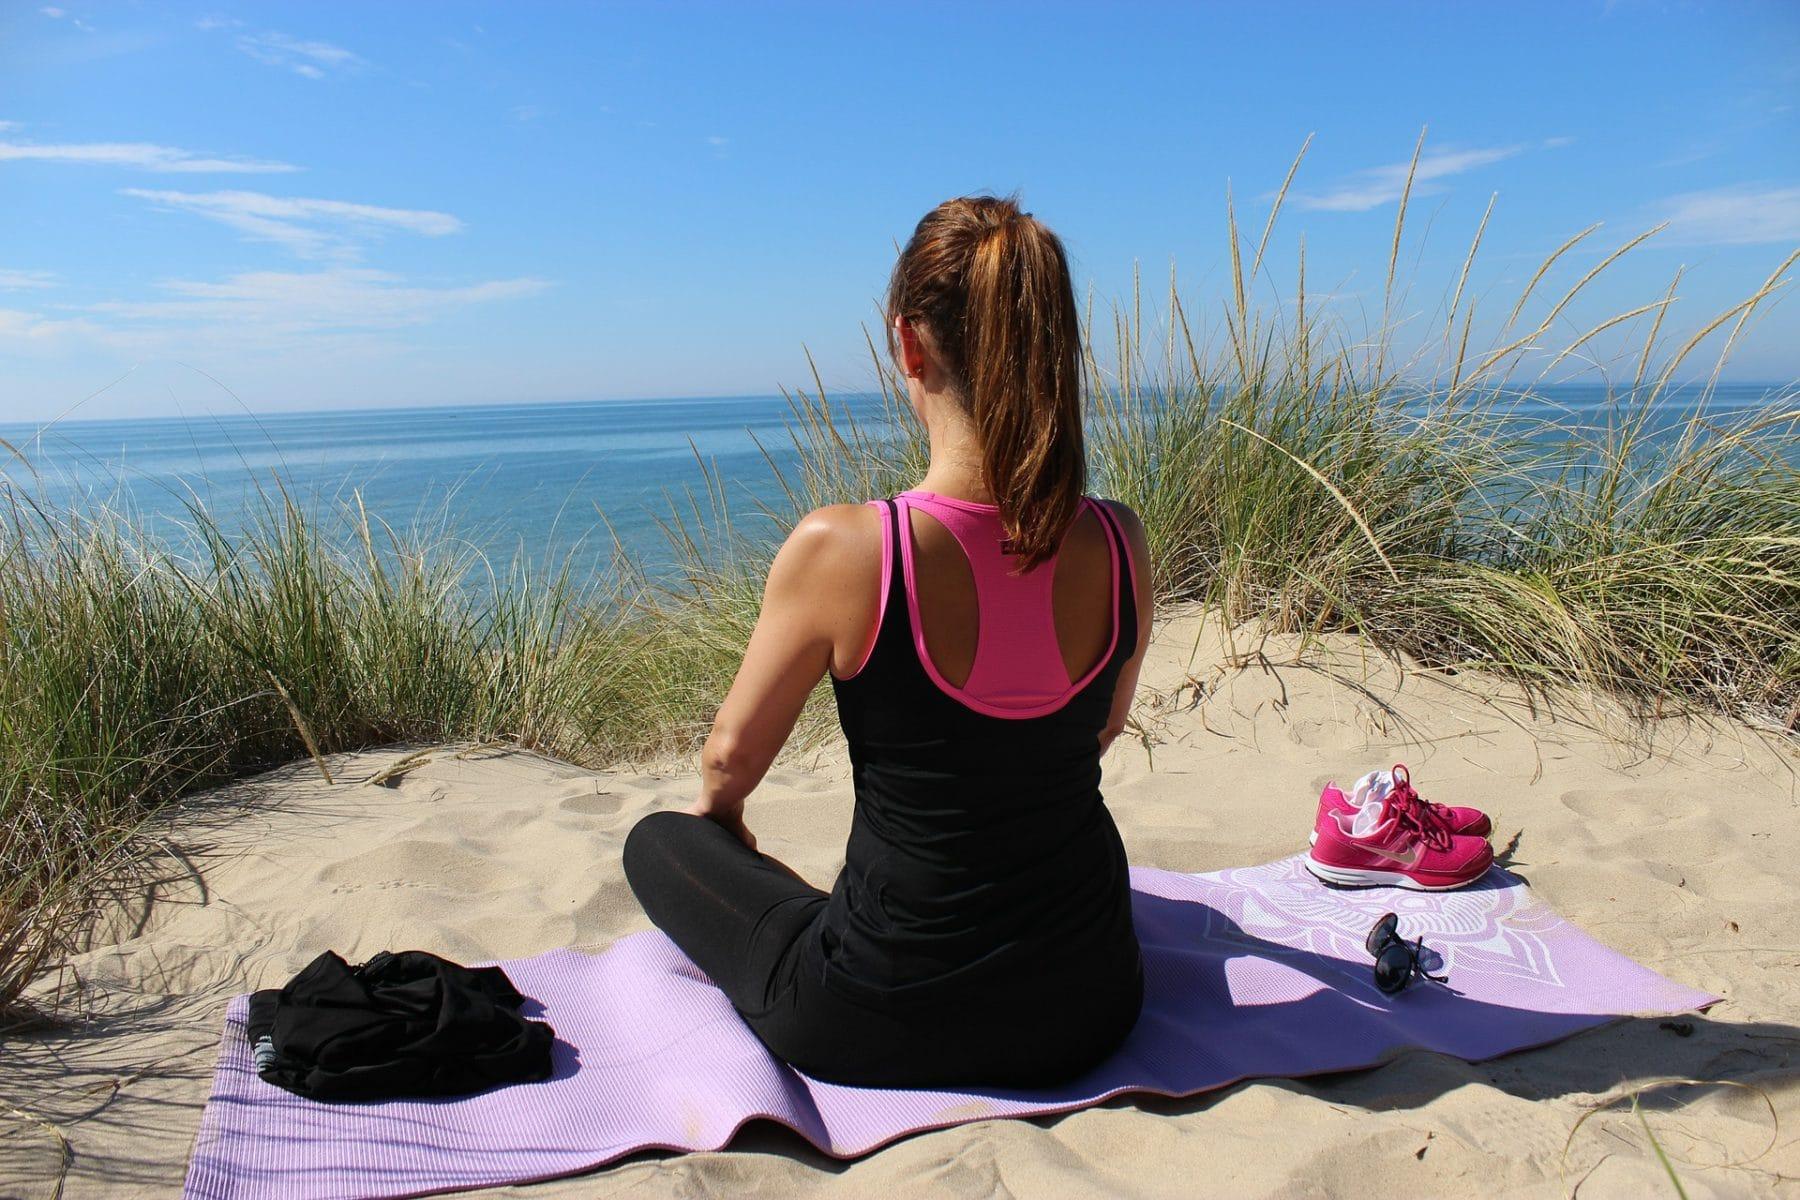 Frau auf einer Düne auf Yogamatte sitzend mit Blick zum Meer